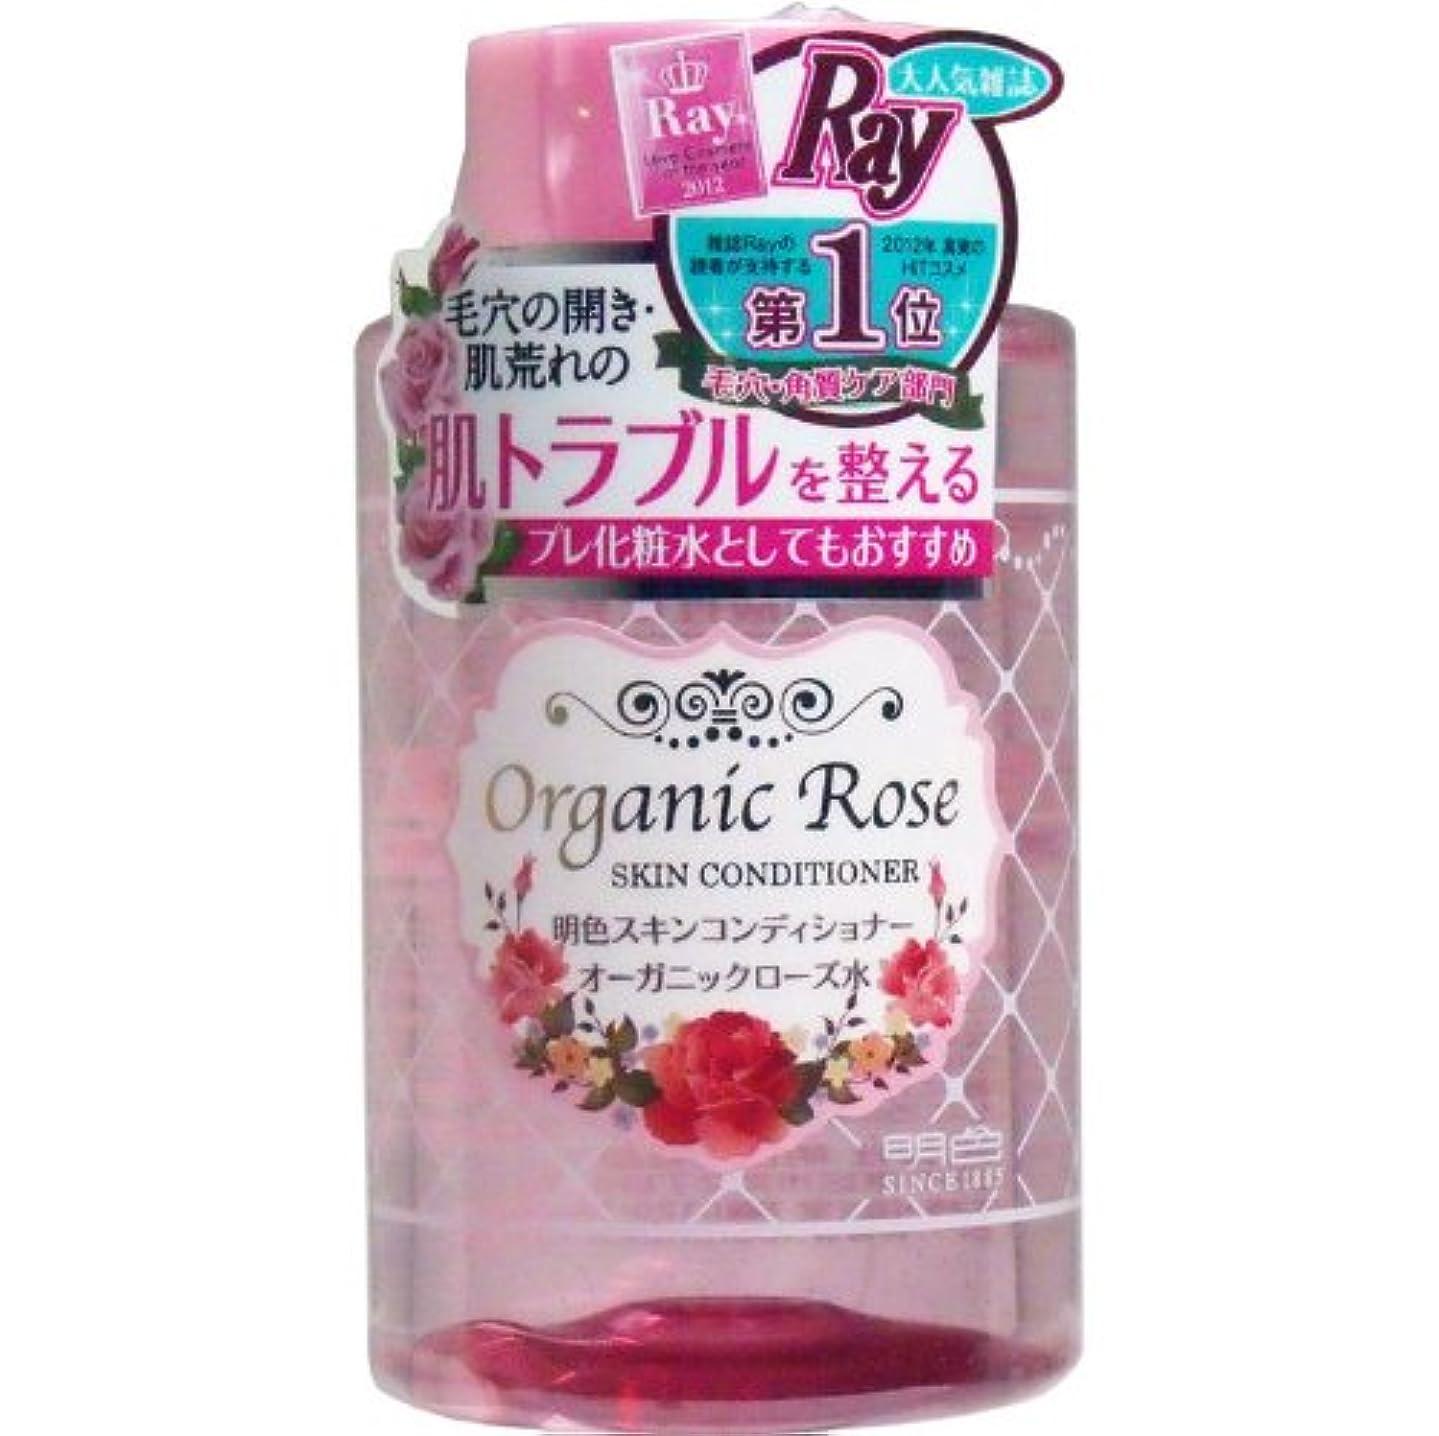 まだ同級生サーマルコンディショニング 化粧水 美容 コスメ 化粧品 過剰な皮脂?乾燥による肌トラブルを整える!200mL